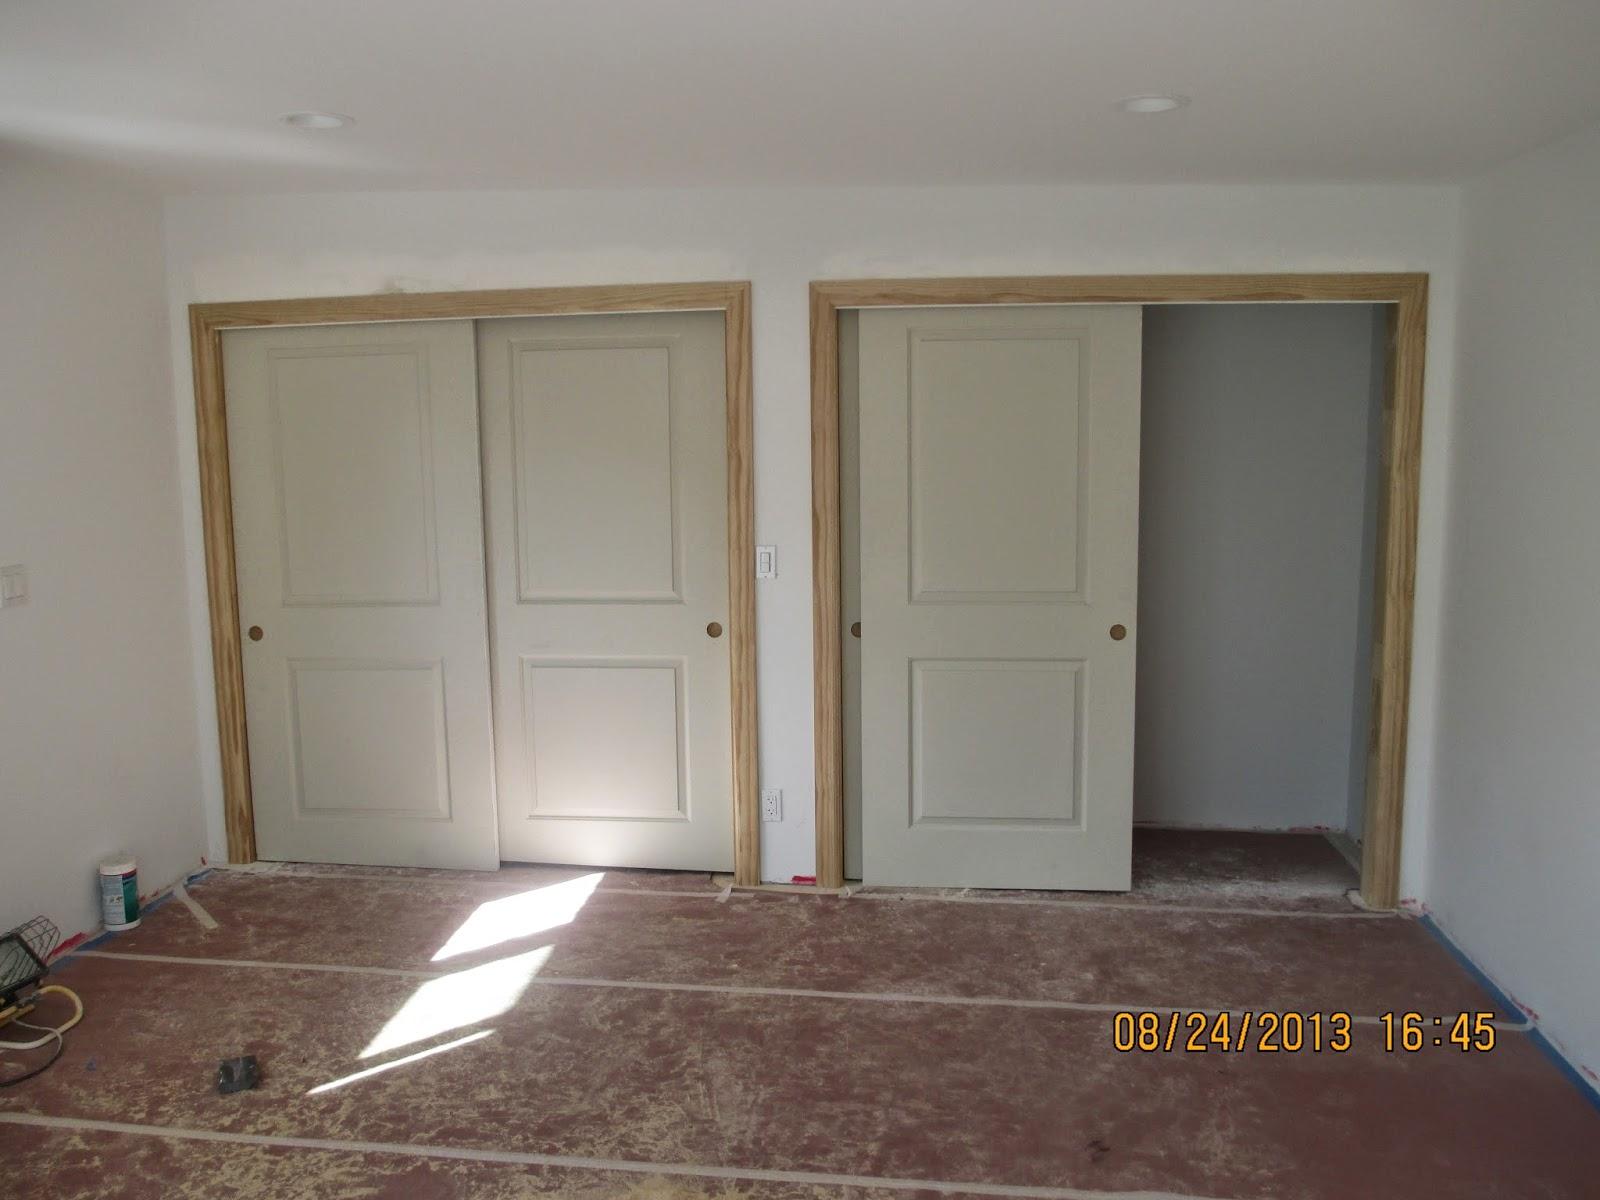 Superbe Door Hanging And Stain Grade Trim Work * Last Summer 2013 *